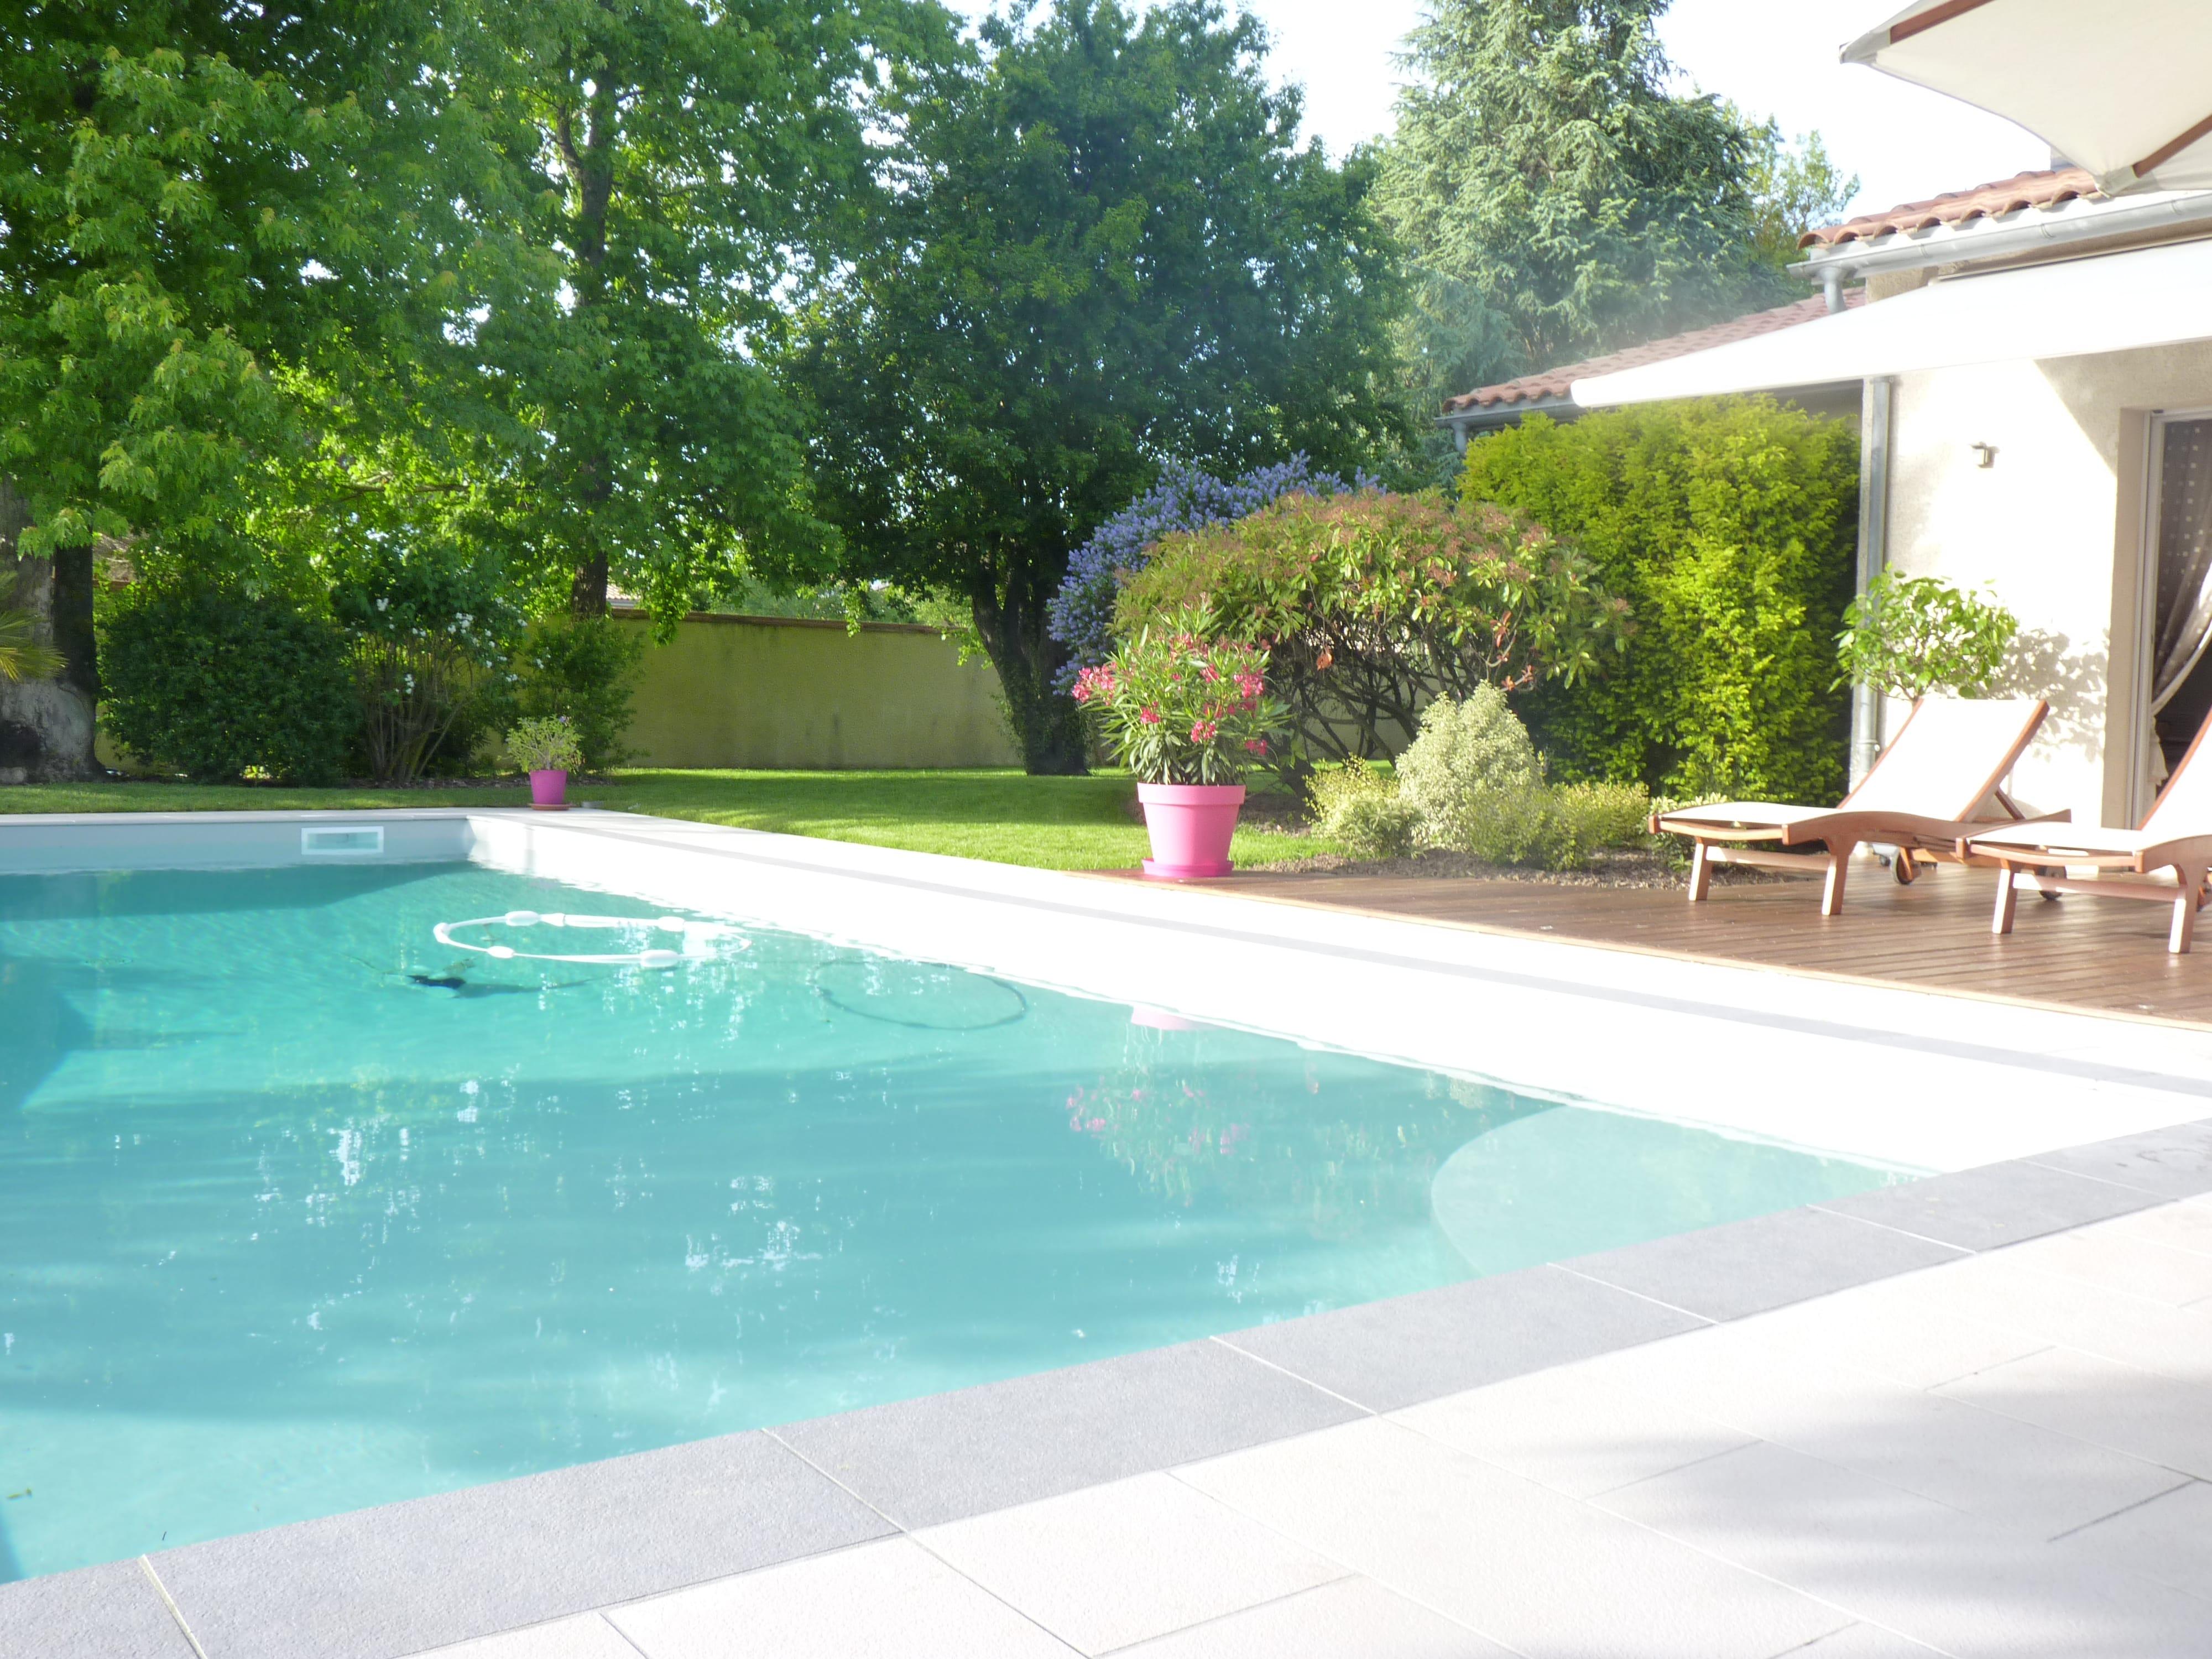 Cr ation de piscines plaisance du touch plaisance piscine - Piscine municipale plaisance du touch ...